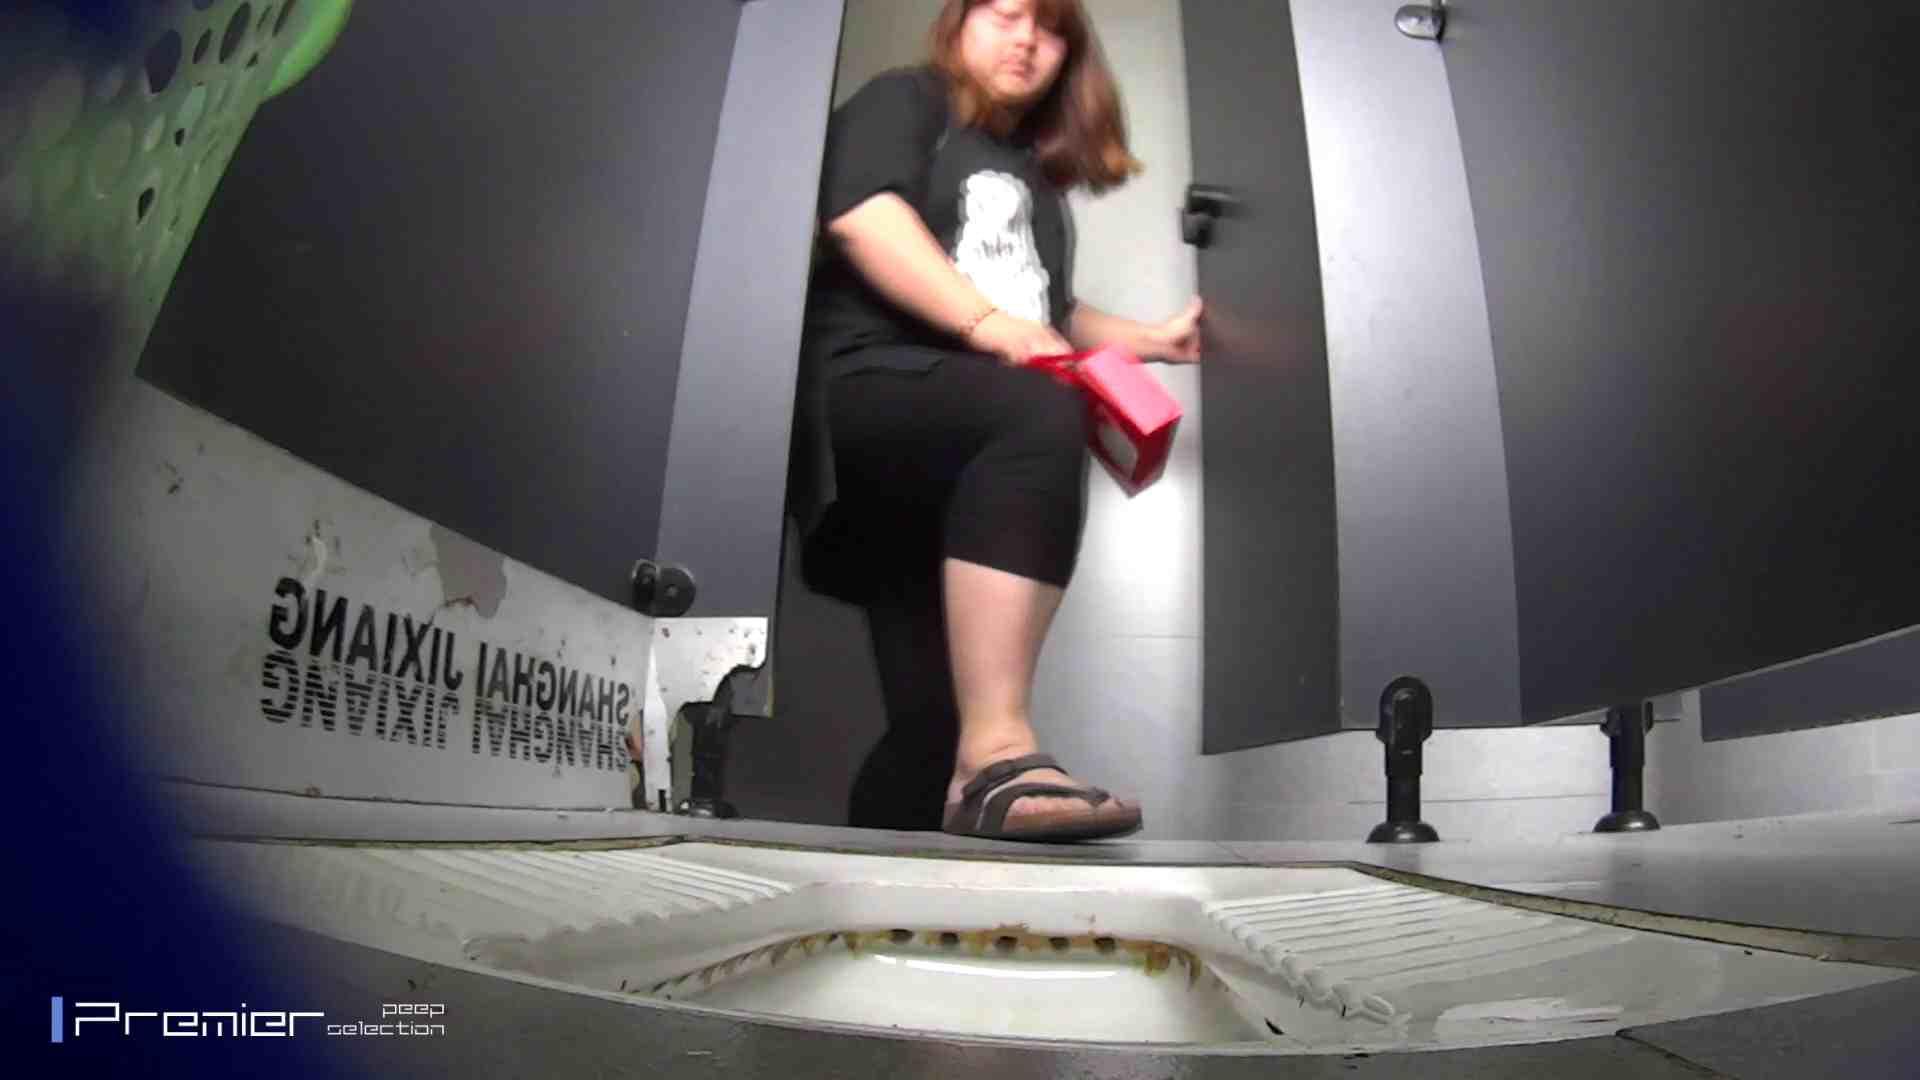 ポチャが多めの洗面所 大学休憩時間の洗面所事情45 盗撮映像大放出 セックス無修正動画無料 57連発 22